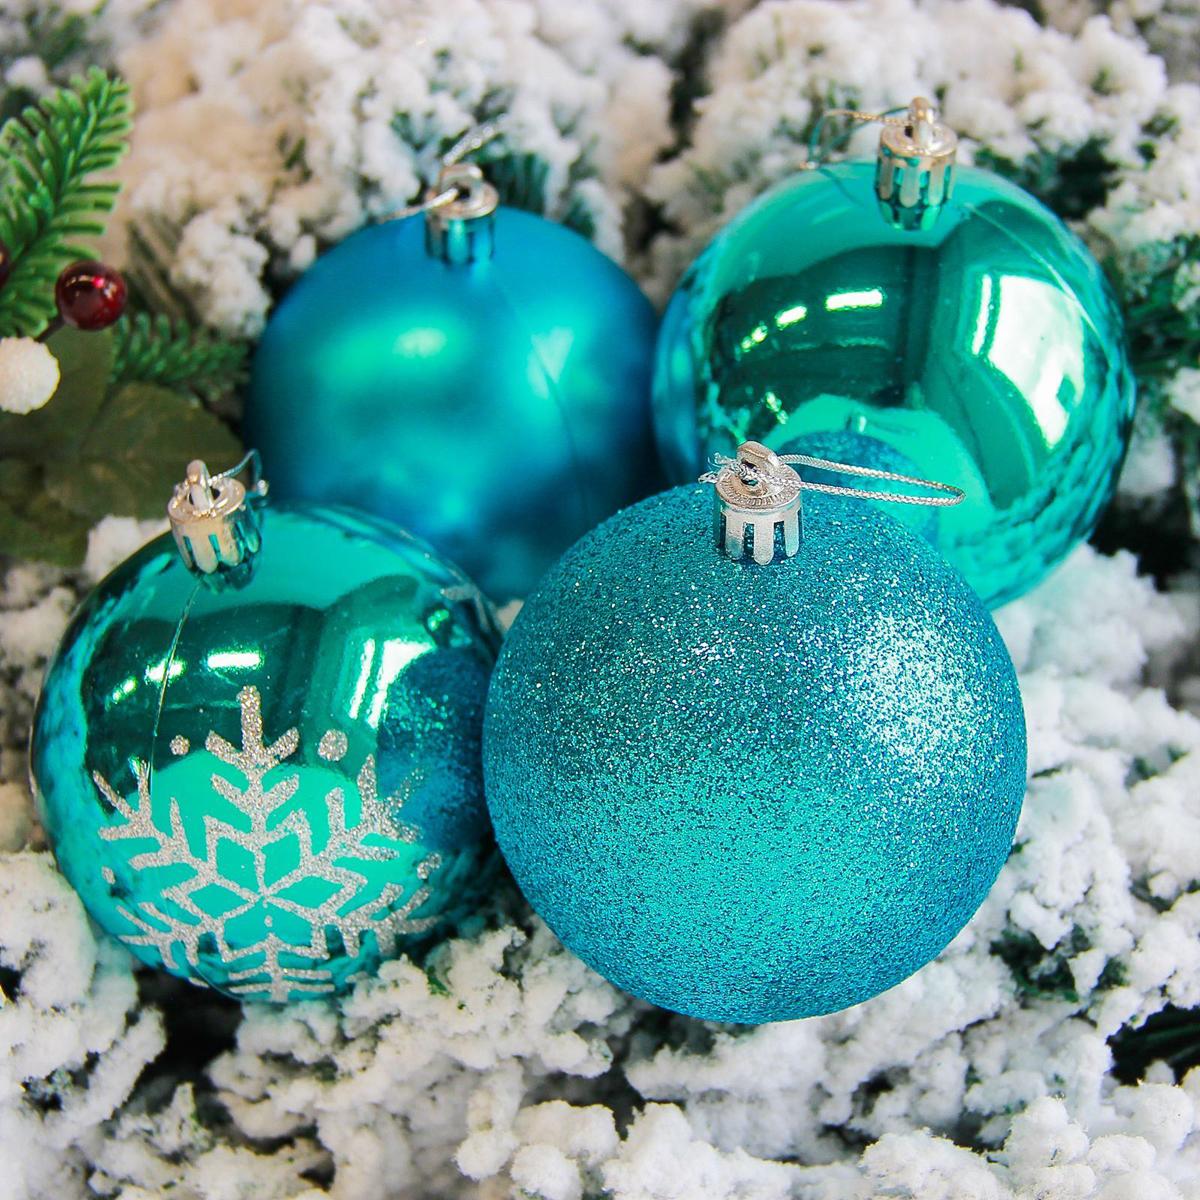 Набор новогодних подвесных украшений Sima-land Снежинка, диаметр 8 см, 6 шт. 21782842178284Невозможно представить нашу жизнь без праздников! Мы всегда ждём их и предвкушаем, обдумываем, как проведём памятный день, тщательно выбираем подарки и аксессуары, ведь именно они создают и поддерживают торжественный настрой.